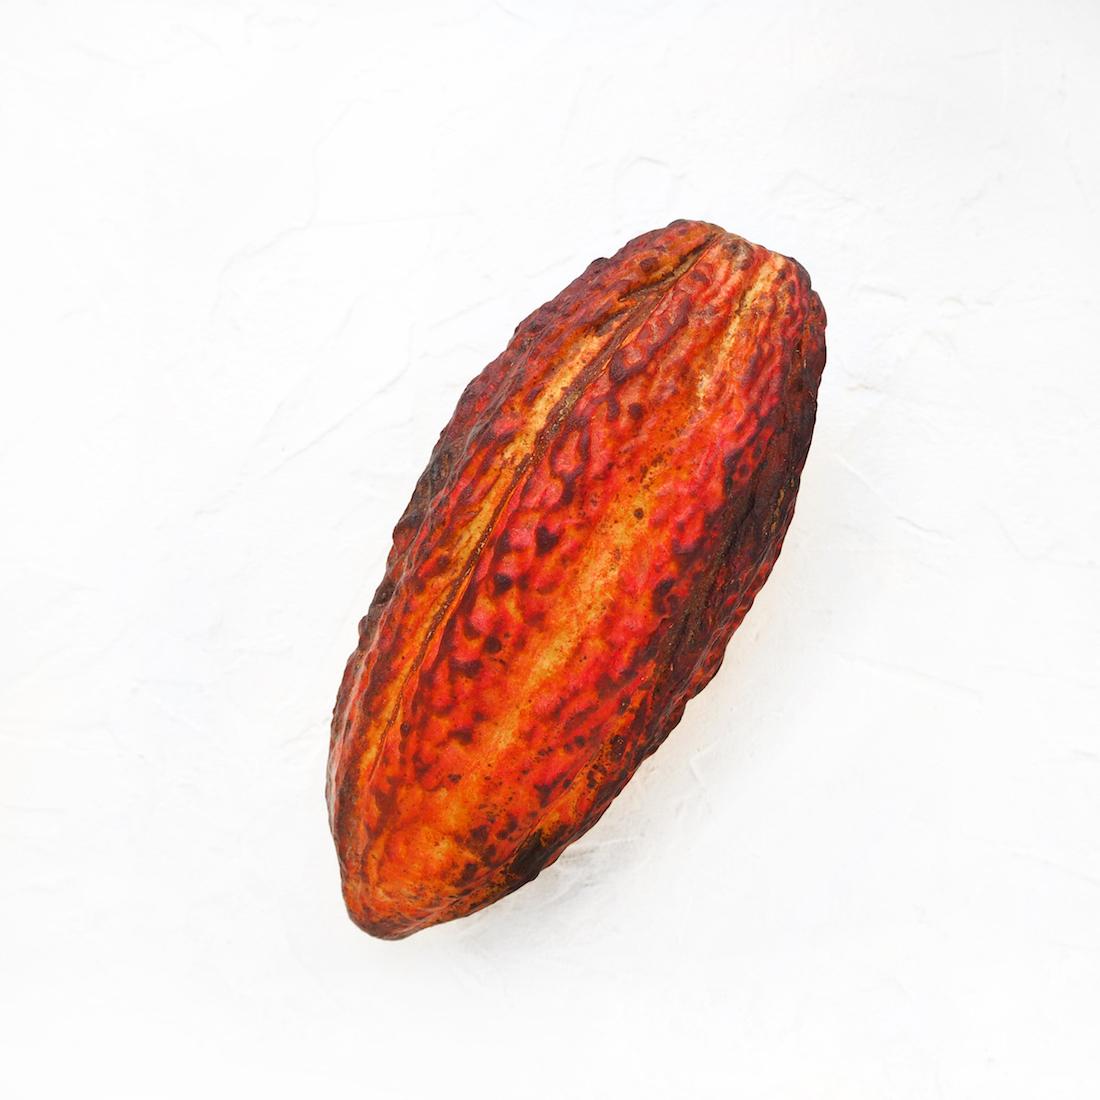 Свежий плод какао (1 шт., 700 г)